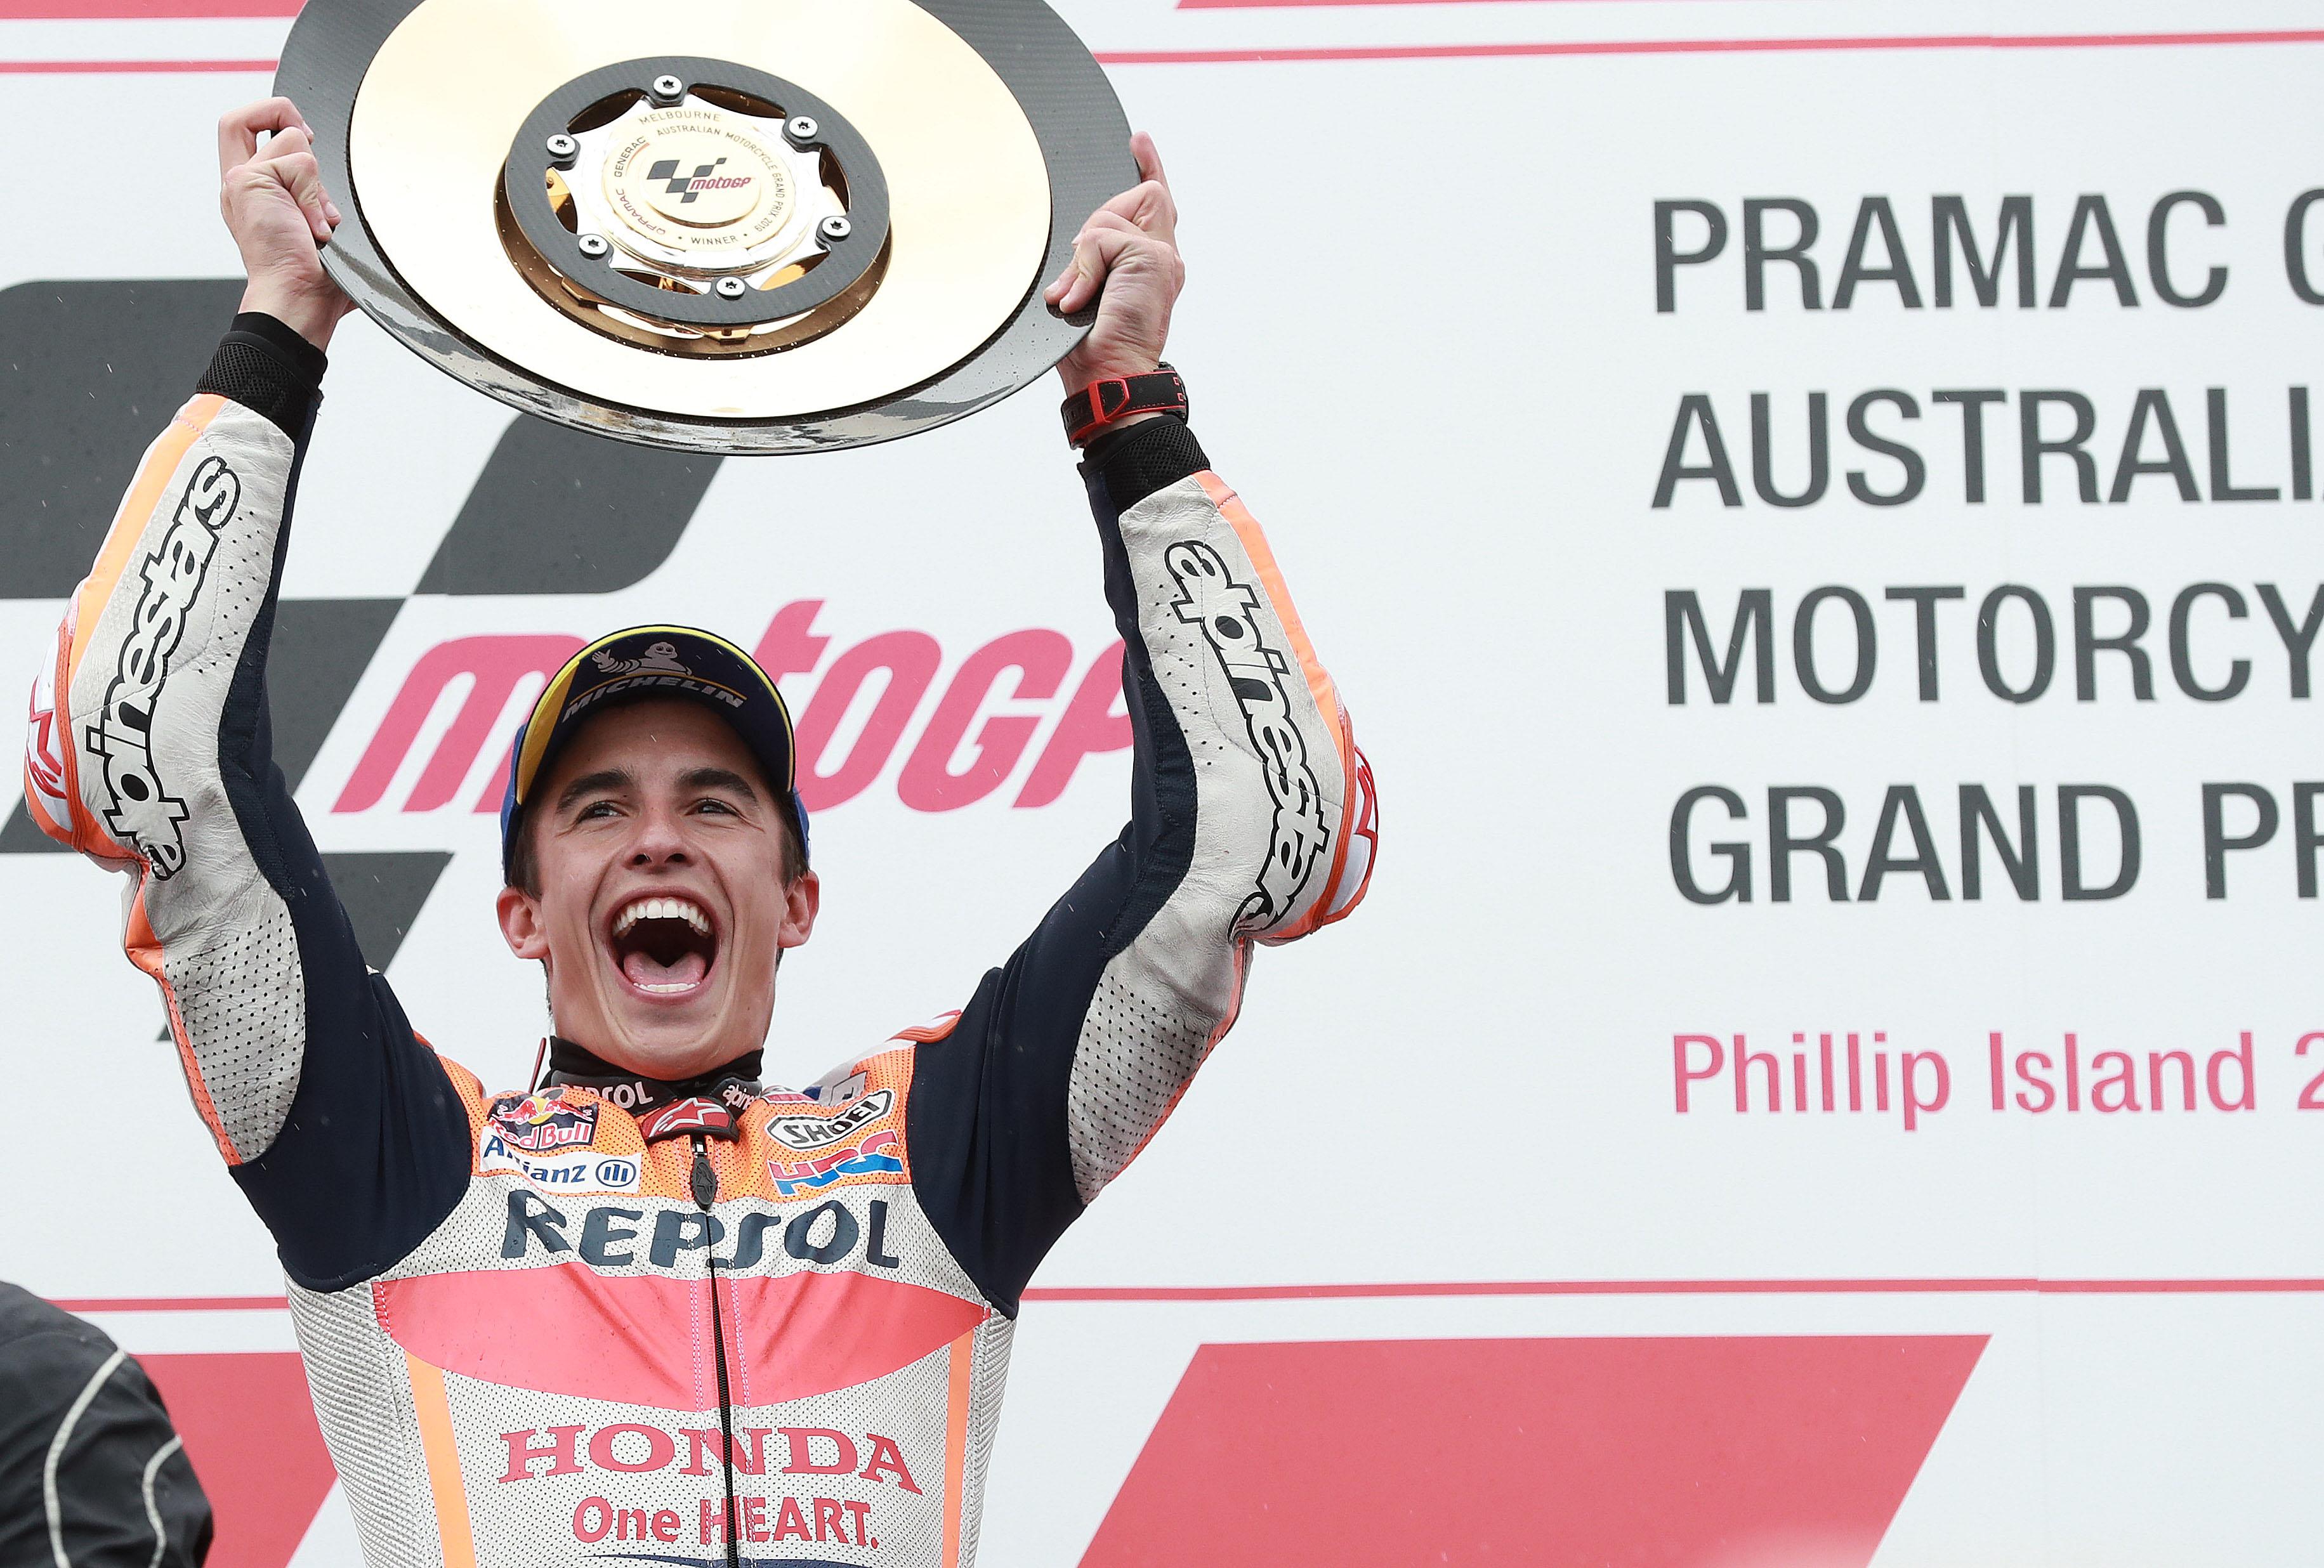 Marc Marquez wins Phillip Island MotoGP 2019